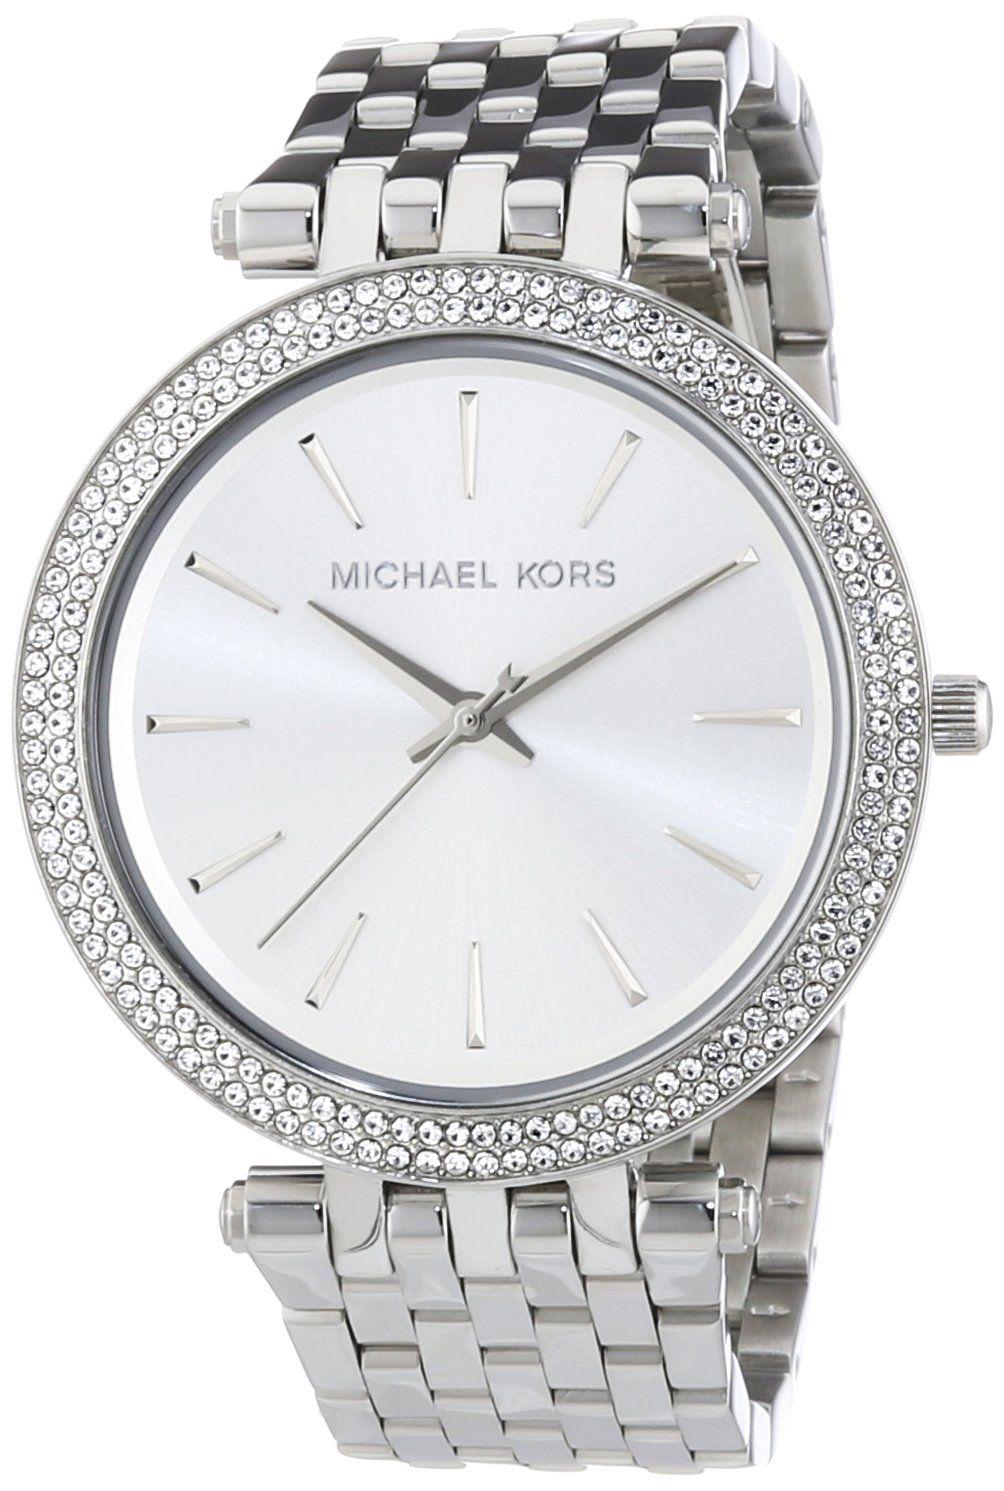 Michael Kors Mk3190 Montre Femme Quartz Analogique Cadran Fossil Cecile Multifunction Stainless Steel And Acetate Watch Am 4632 Argent Bracelet Acier